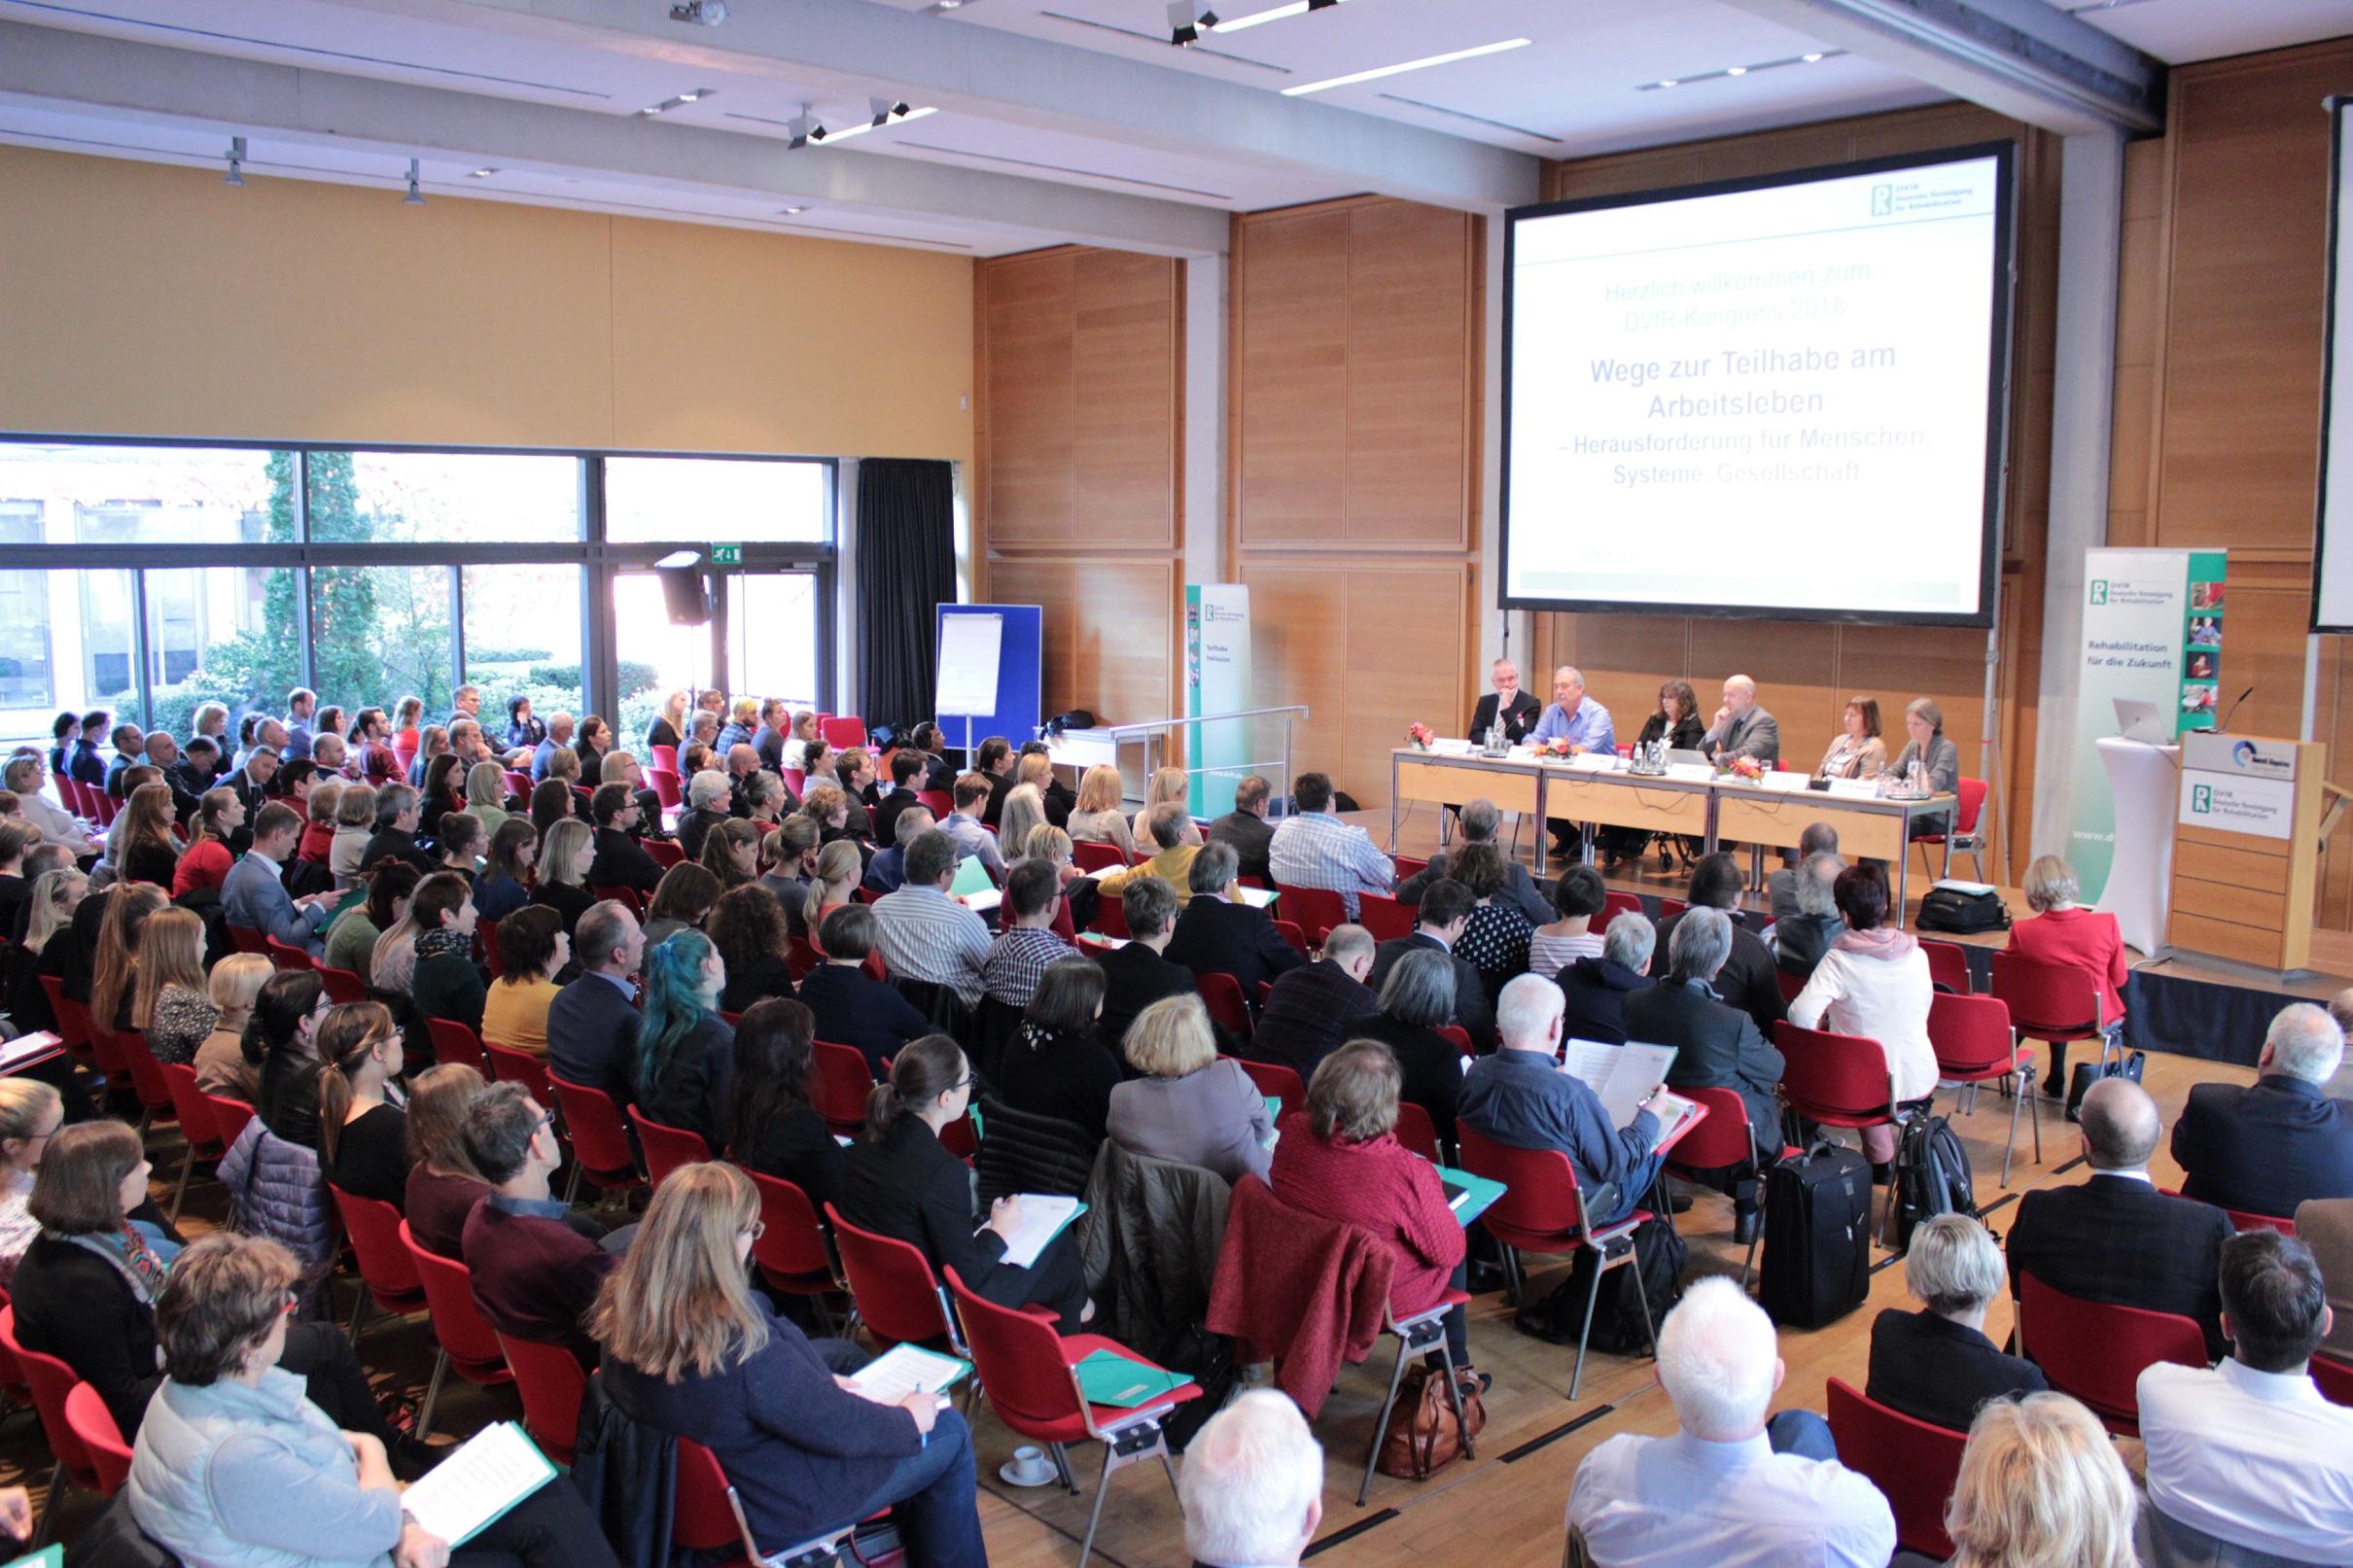 Podiumsgespräch beim DVfR-Kongress 2018 (Quelle: DVfR)